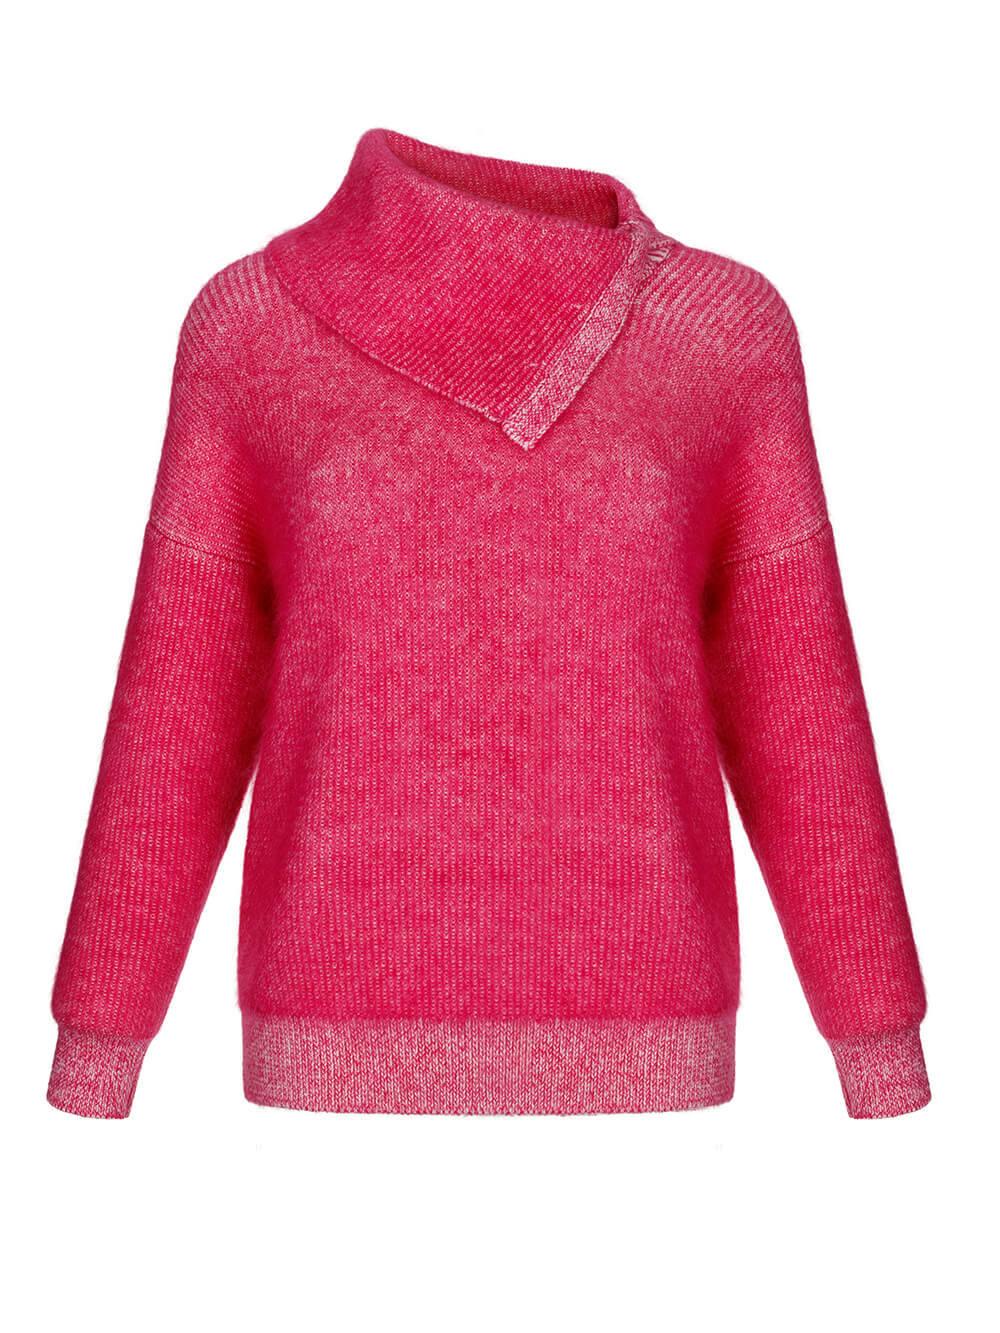 Женский свитер розового цвета из мохера и кашемира - фото 1